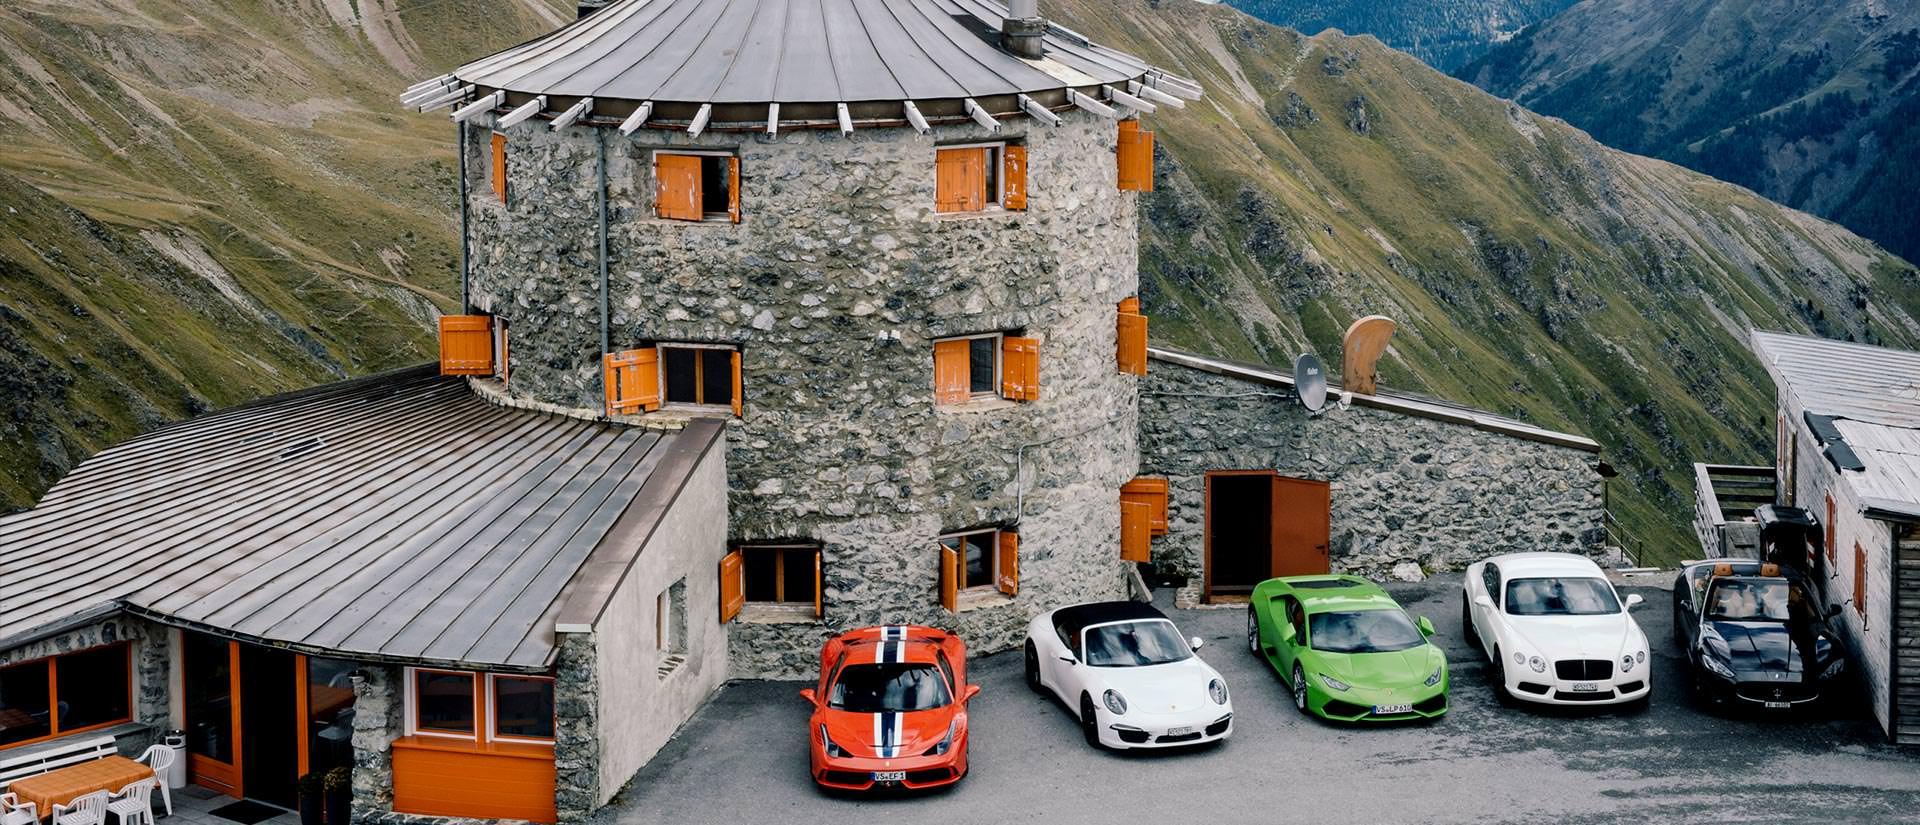 טיול לשוויץ וצפון איטליה - 5 ימים - סנט מוריץ ומעבר סטלביו ברכב יוקרה